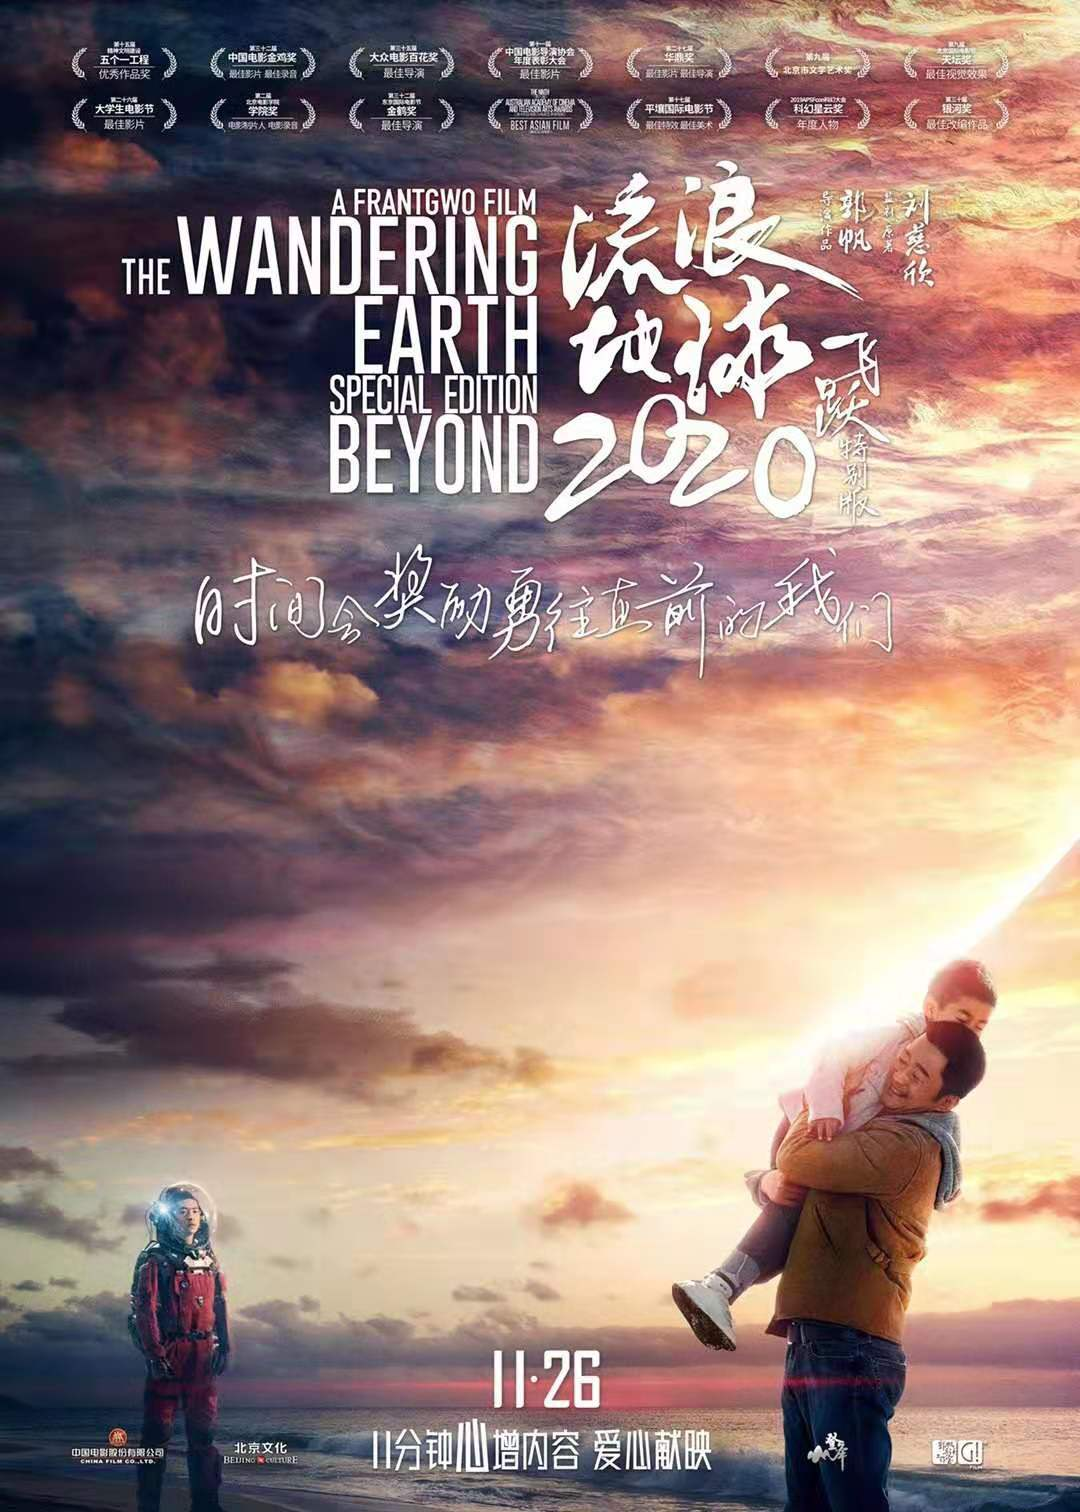 《流浪地球》特别版即将上映:多11分钟,票价不高于15元